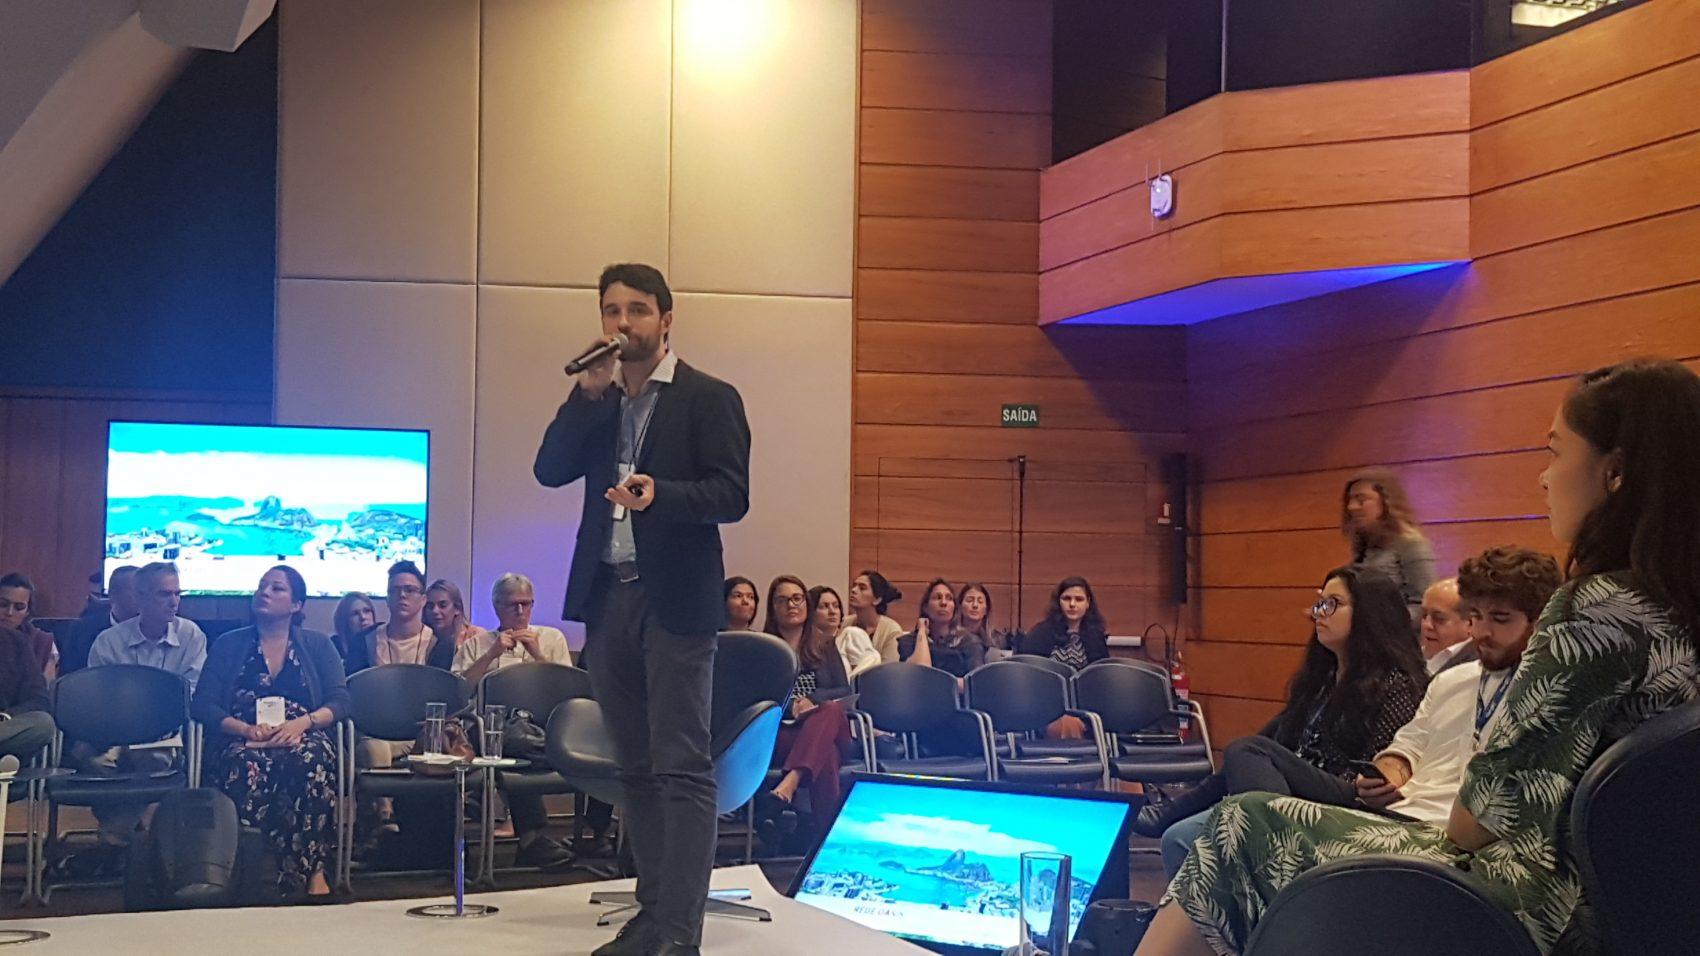 Thiago Valente, da Fundação Grupo Boticário, no lançamento do Oásis Lab Baía de Guanabara: iniciativa com objetivo de desenvolver projetos inovadores para garantir segurança hídrica e recuperar a bacia hidrográfica (Foto: Oscar Valporto)